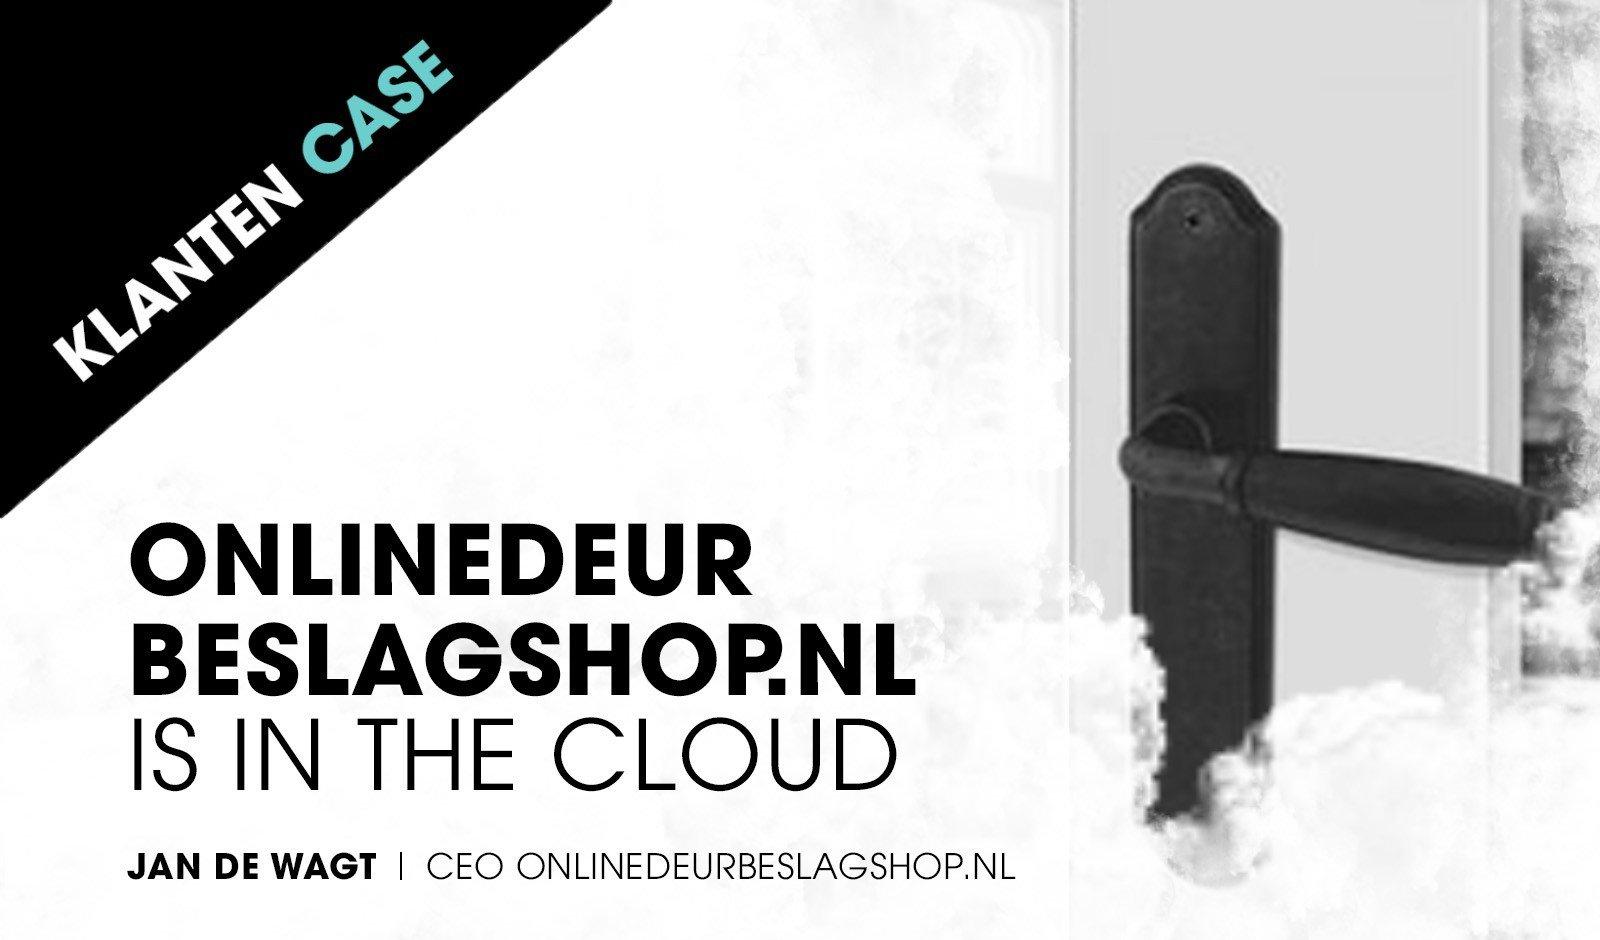 Case: Onlinedeurbeslagshop.nl